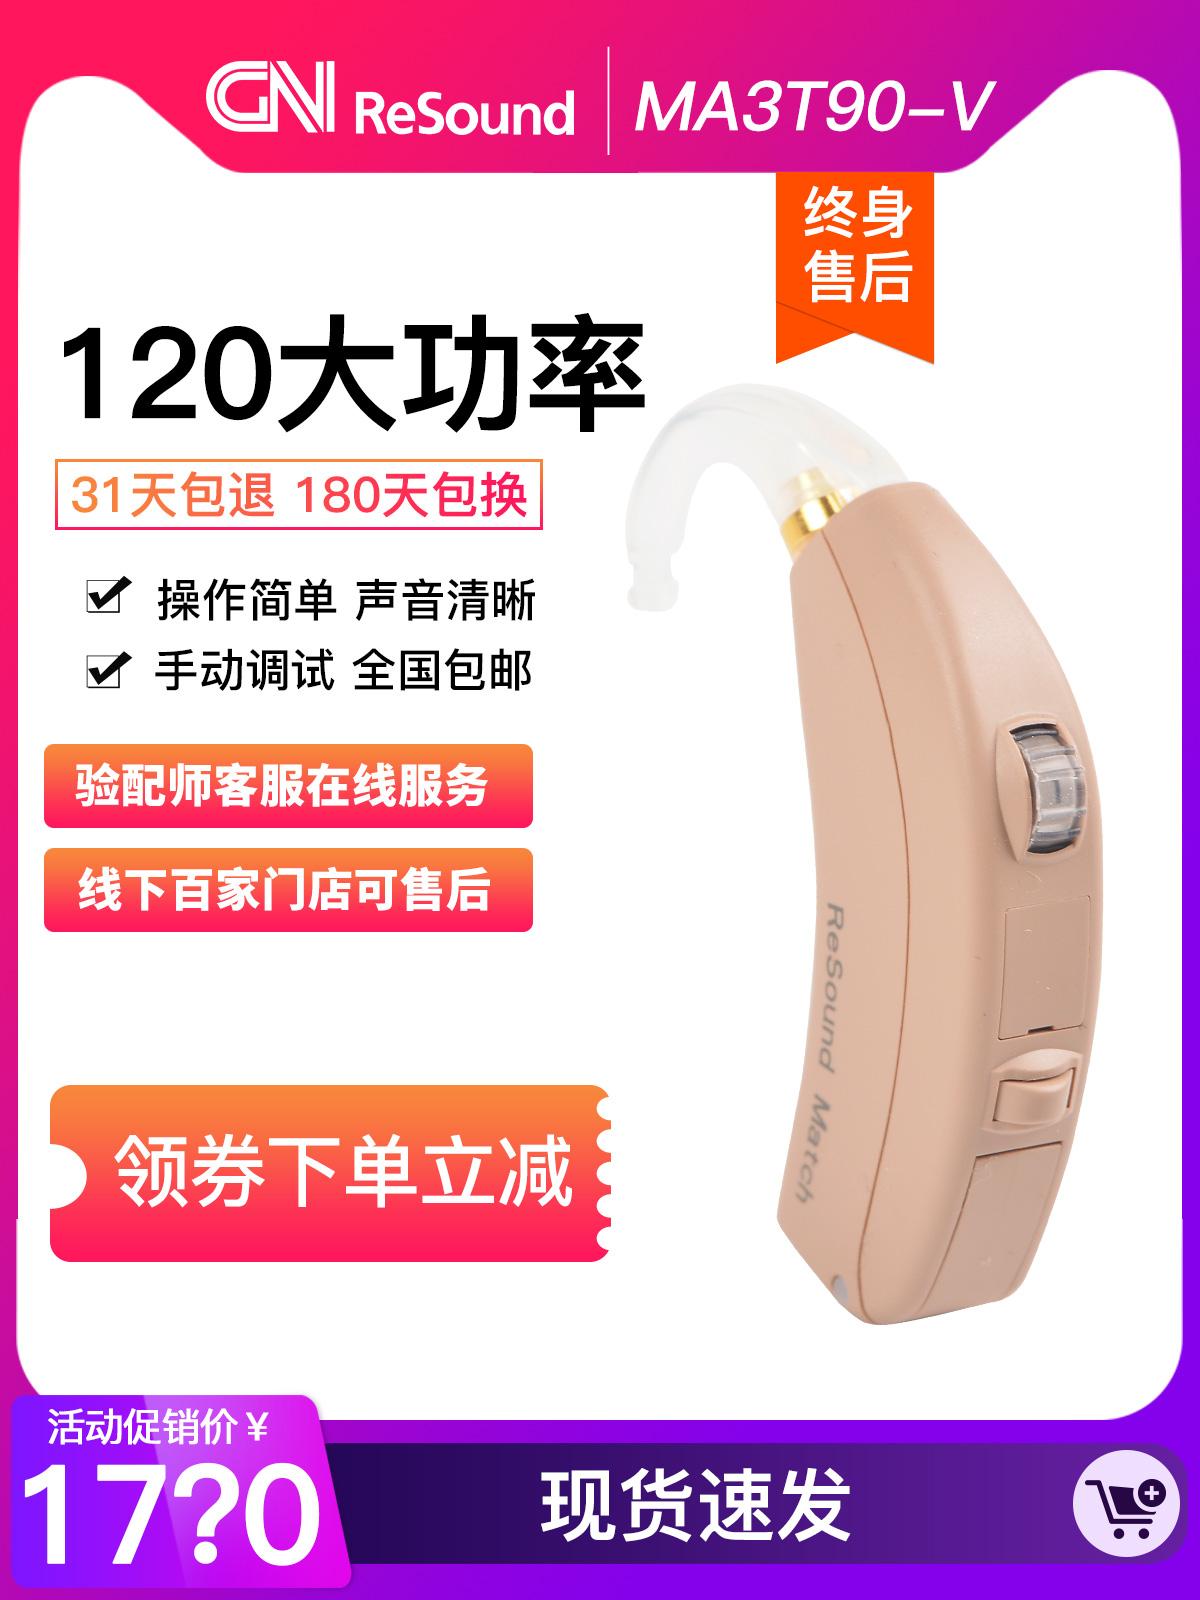 丹麦瑞声达120分贝心意MA3T90-VI大功率无线耳背式老人耳聋助听器